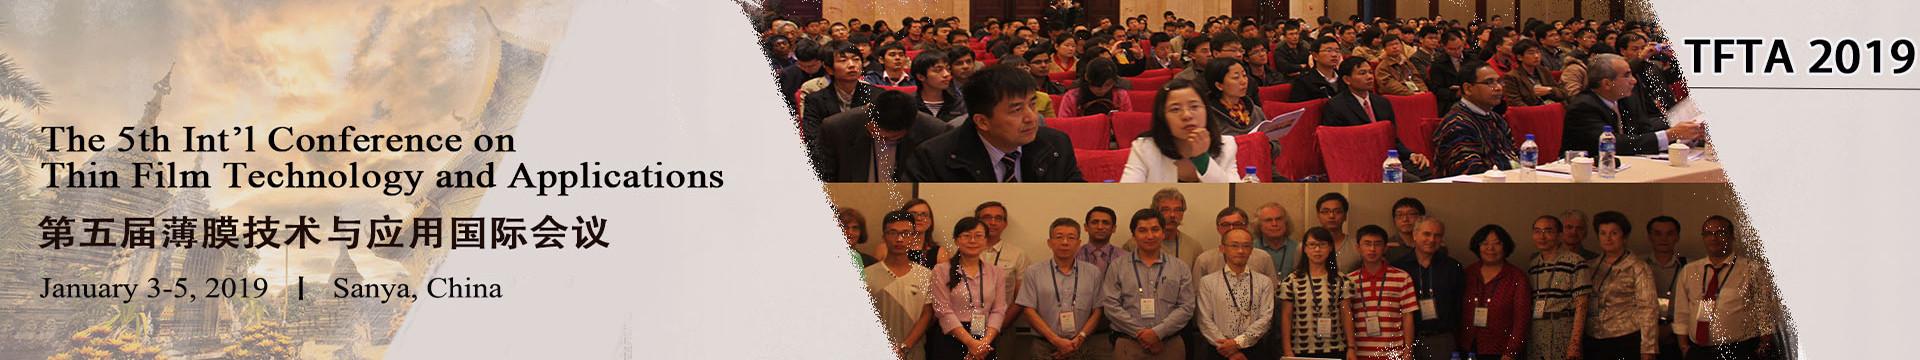 第五届薄膜技术与应用国际会议(TFTA 2019)